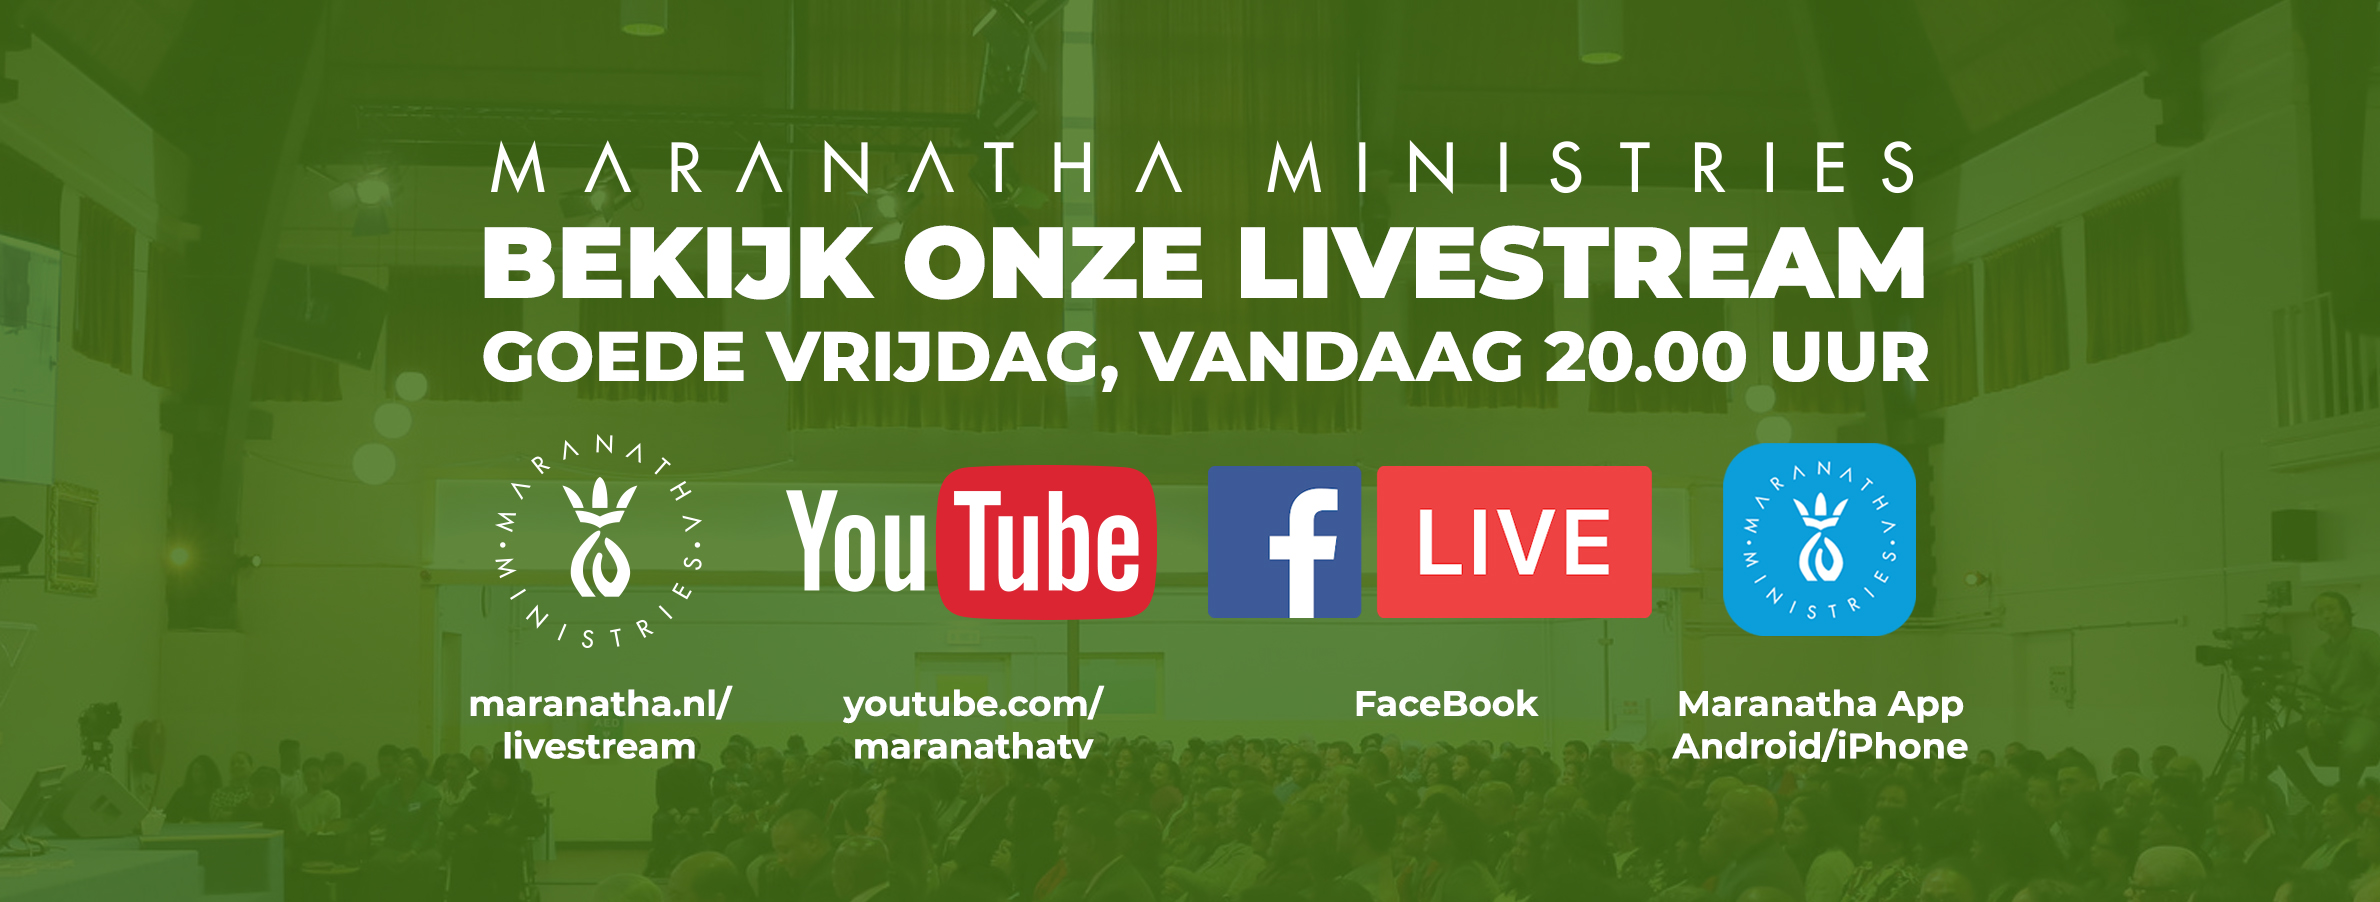 Goede vrijdag: Livestream